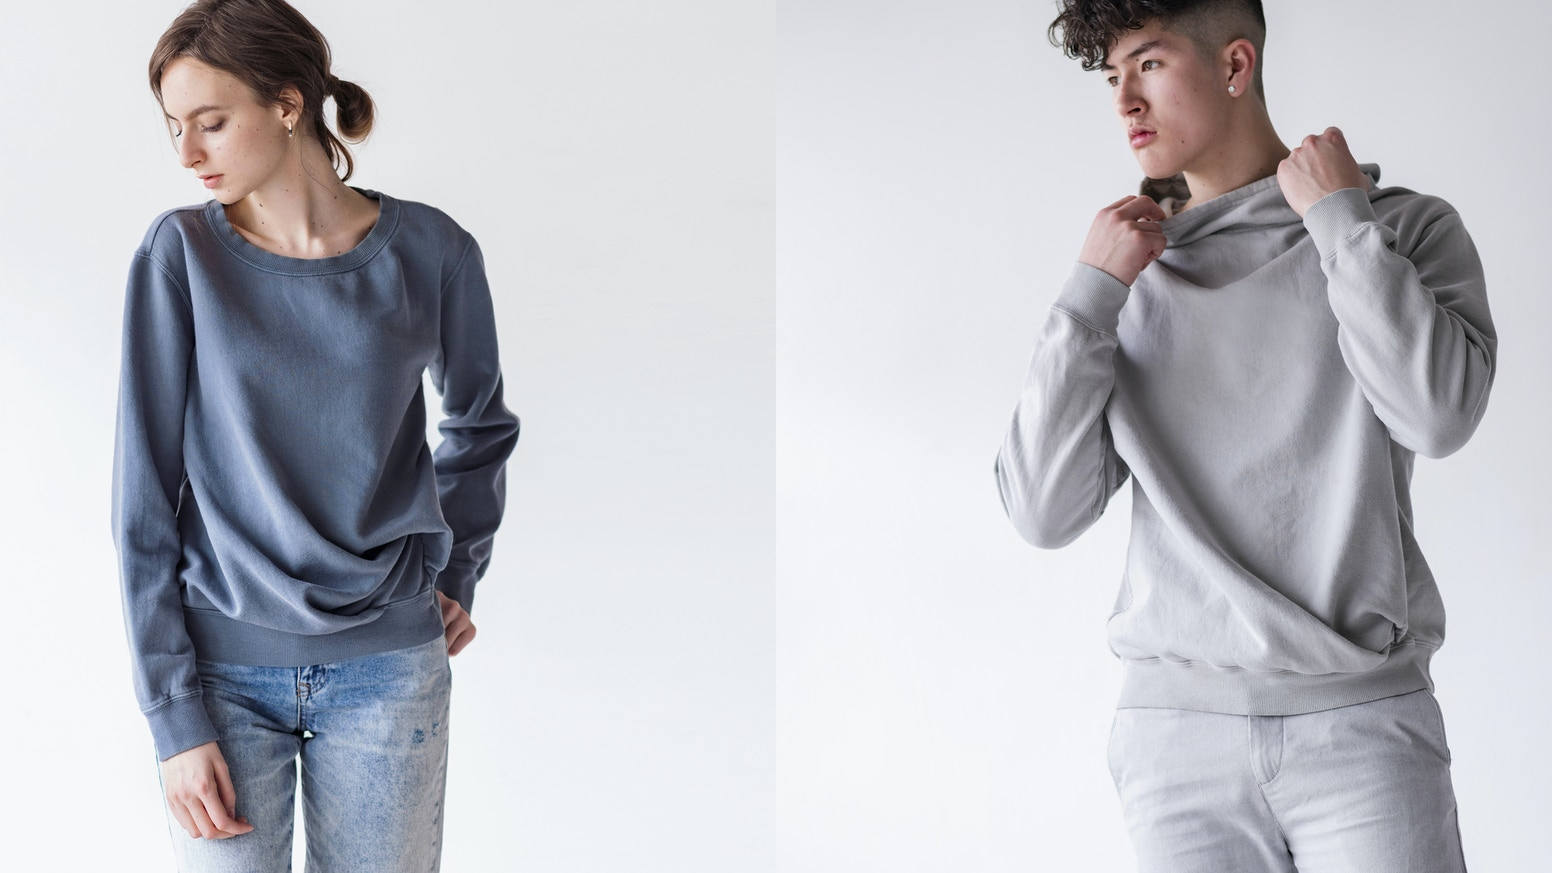 cf200b7b āsum #2] Eco-friendly elevated sweatshirts made in Canada by Angela ...